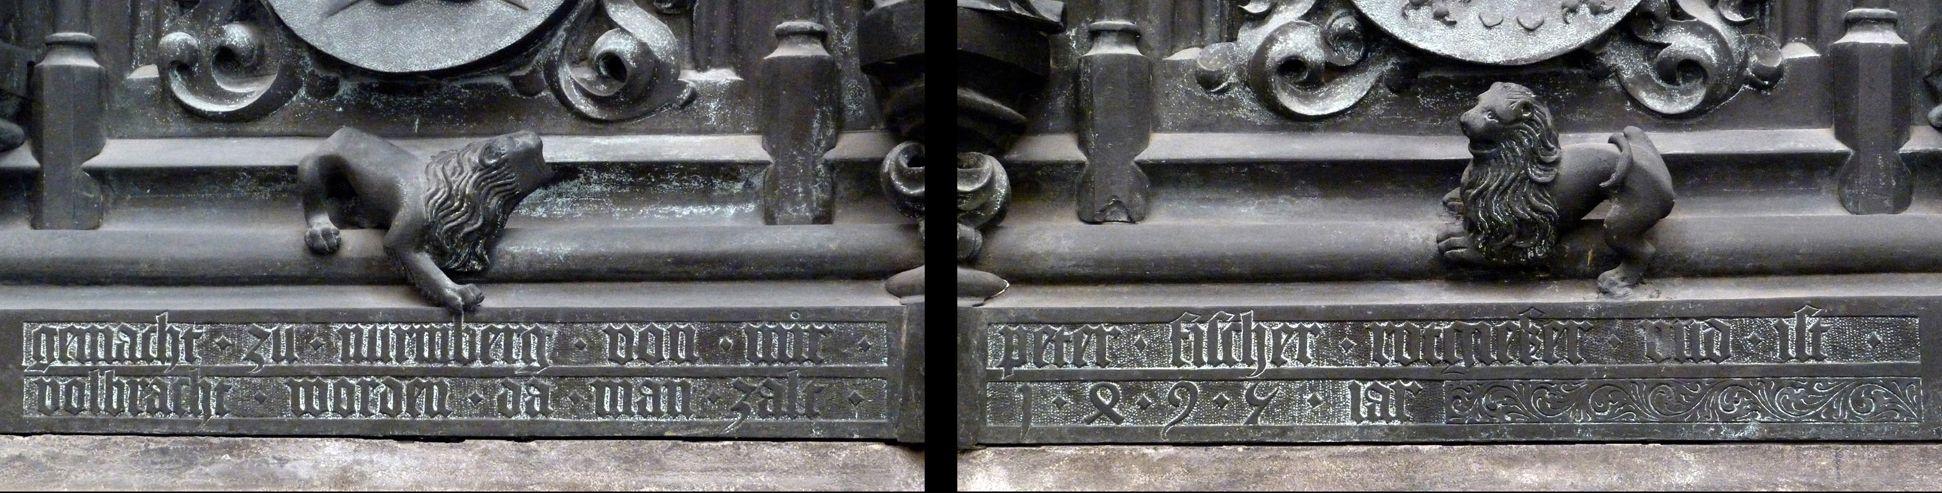 """Tumba des Erzbischofs Ernst von Sachsen Tumba, Ostfront - Zusammensetzung der Sockelinschrift: """"gemacht . zu . nurmberg . von . mir . peter . fischer . rotgießer . und . ist . vollbracht . worden . da . man . zalt (=zählt) . 1495 . iar (=Jahr)"""""""